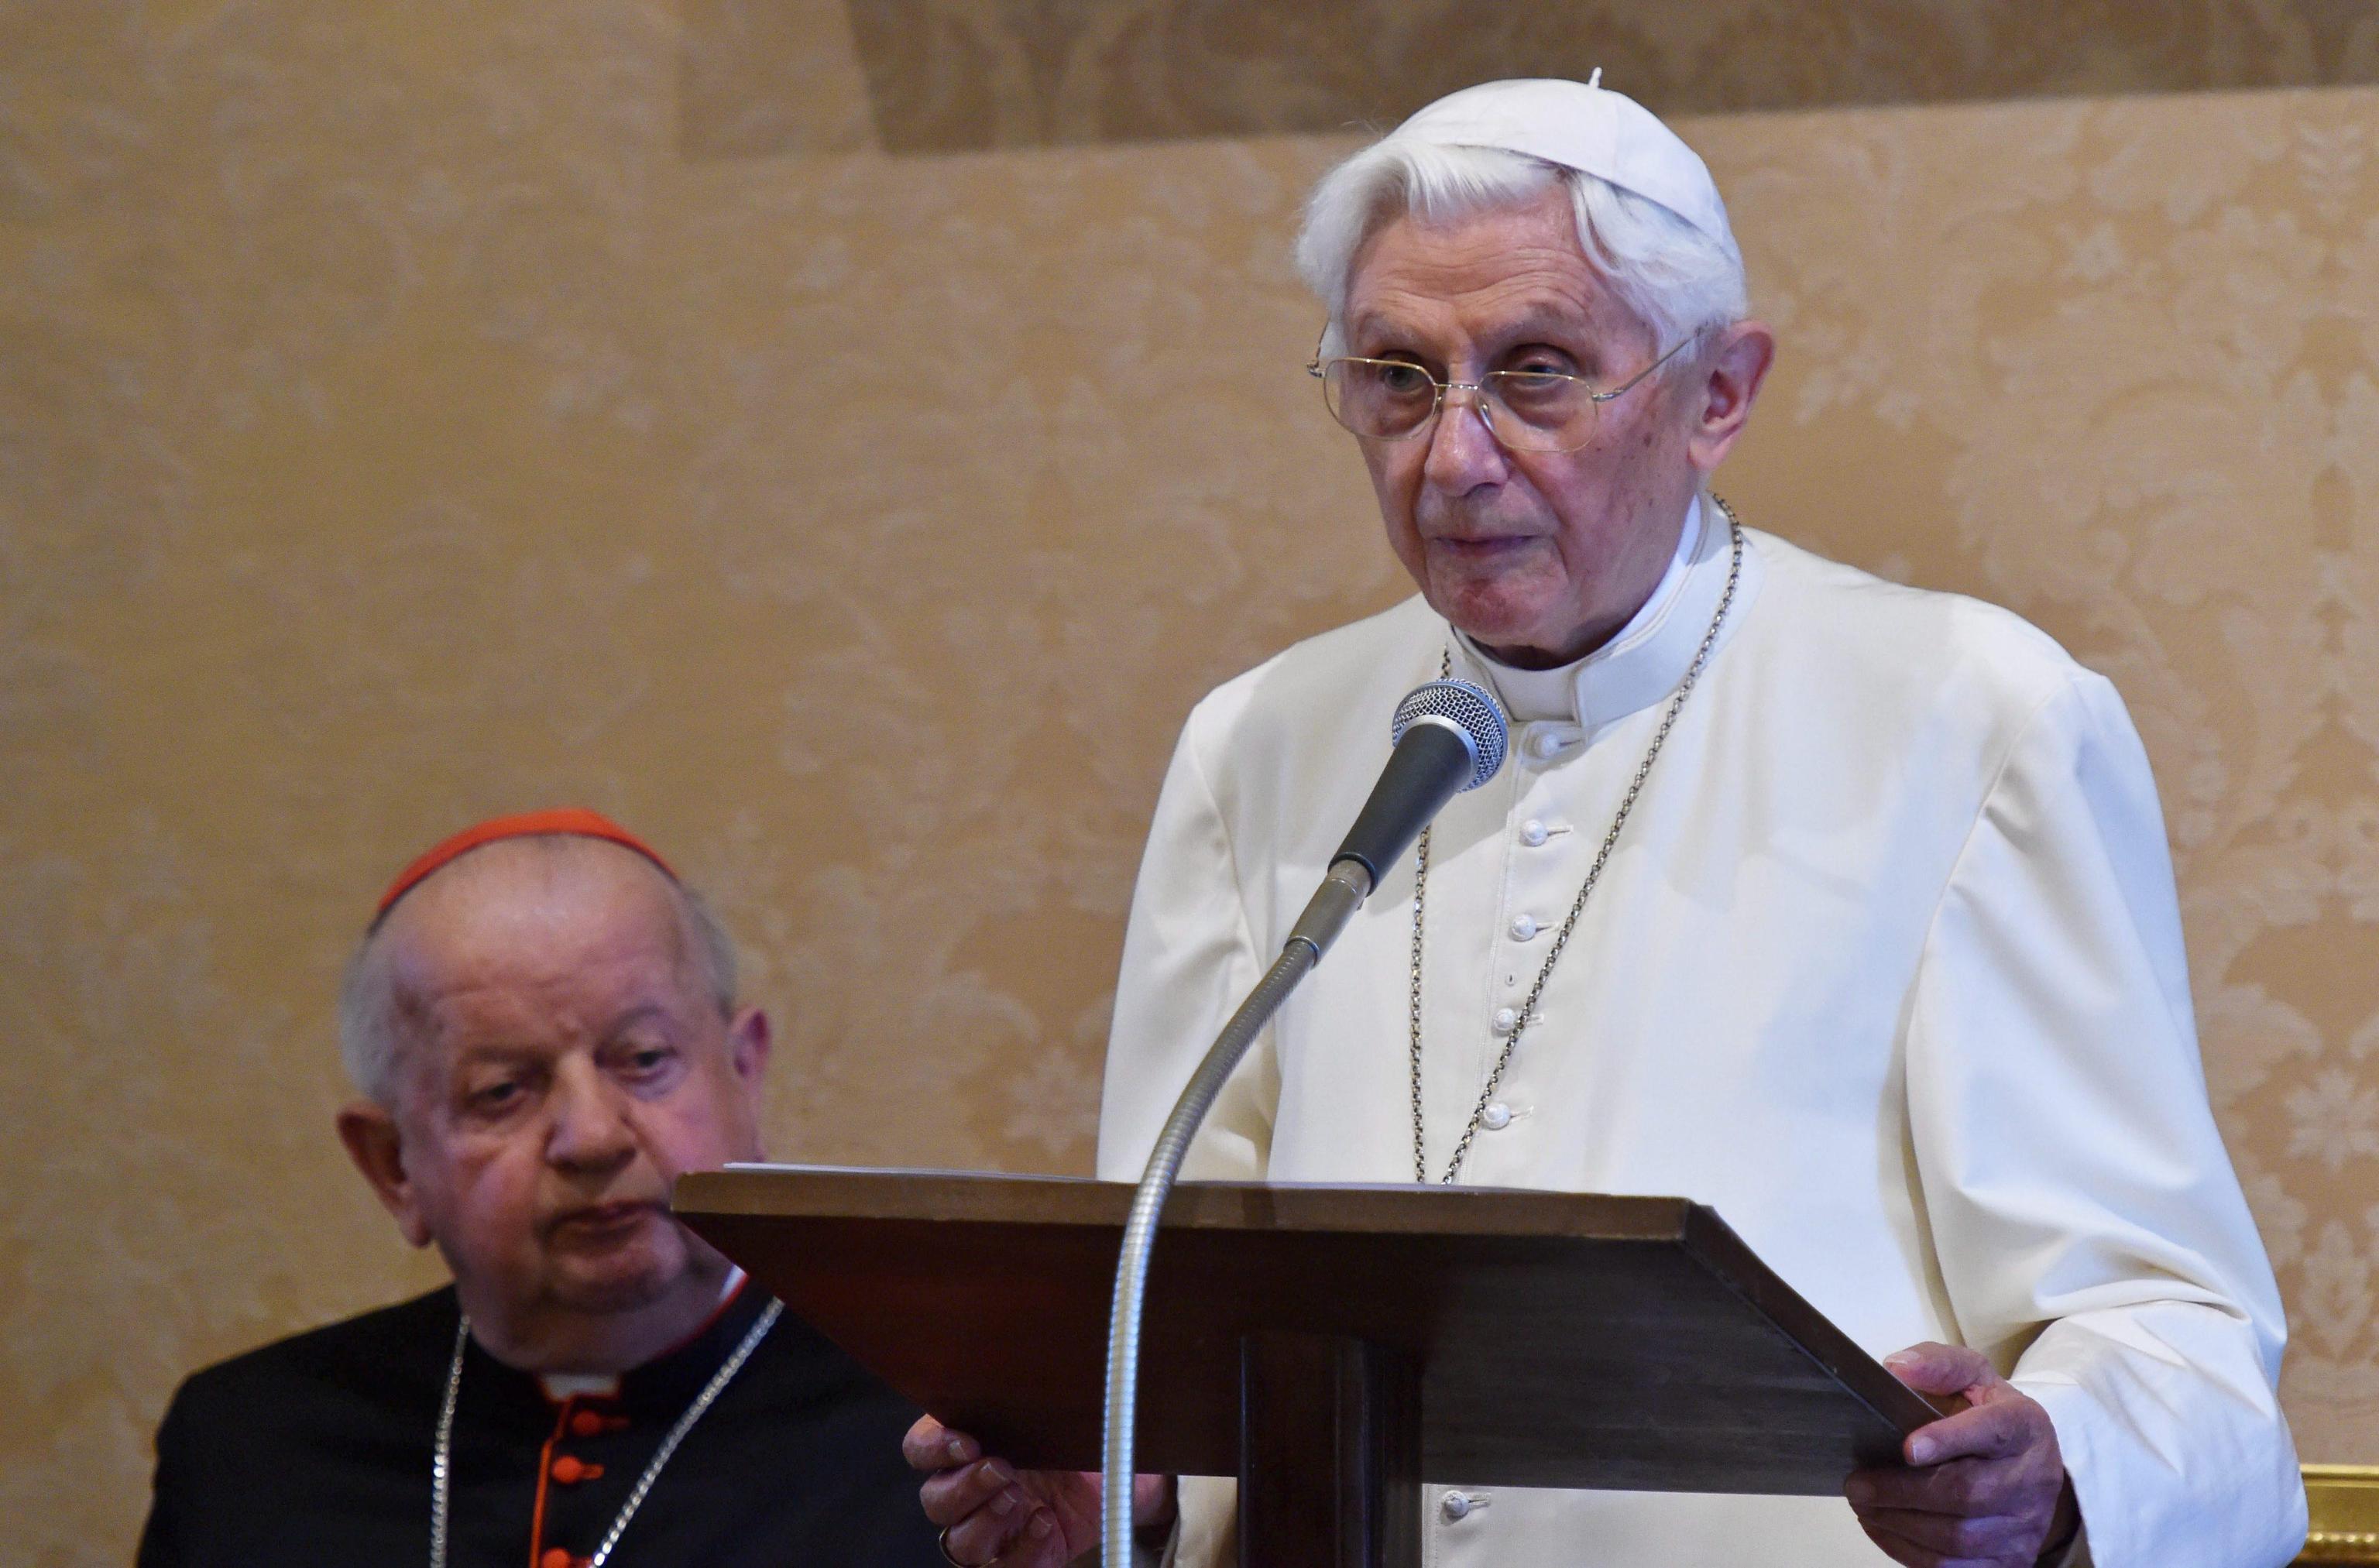 Pope-emeritus Benedict XVI after receiving two doctorates honoris causa in Castel Gandolfo